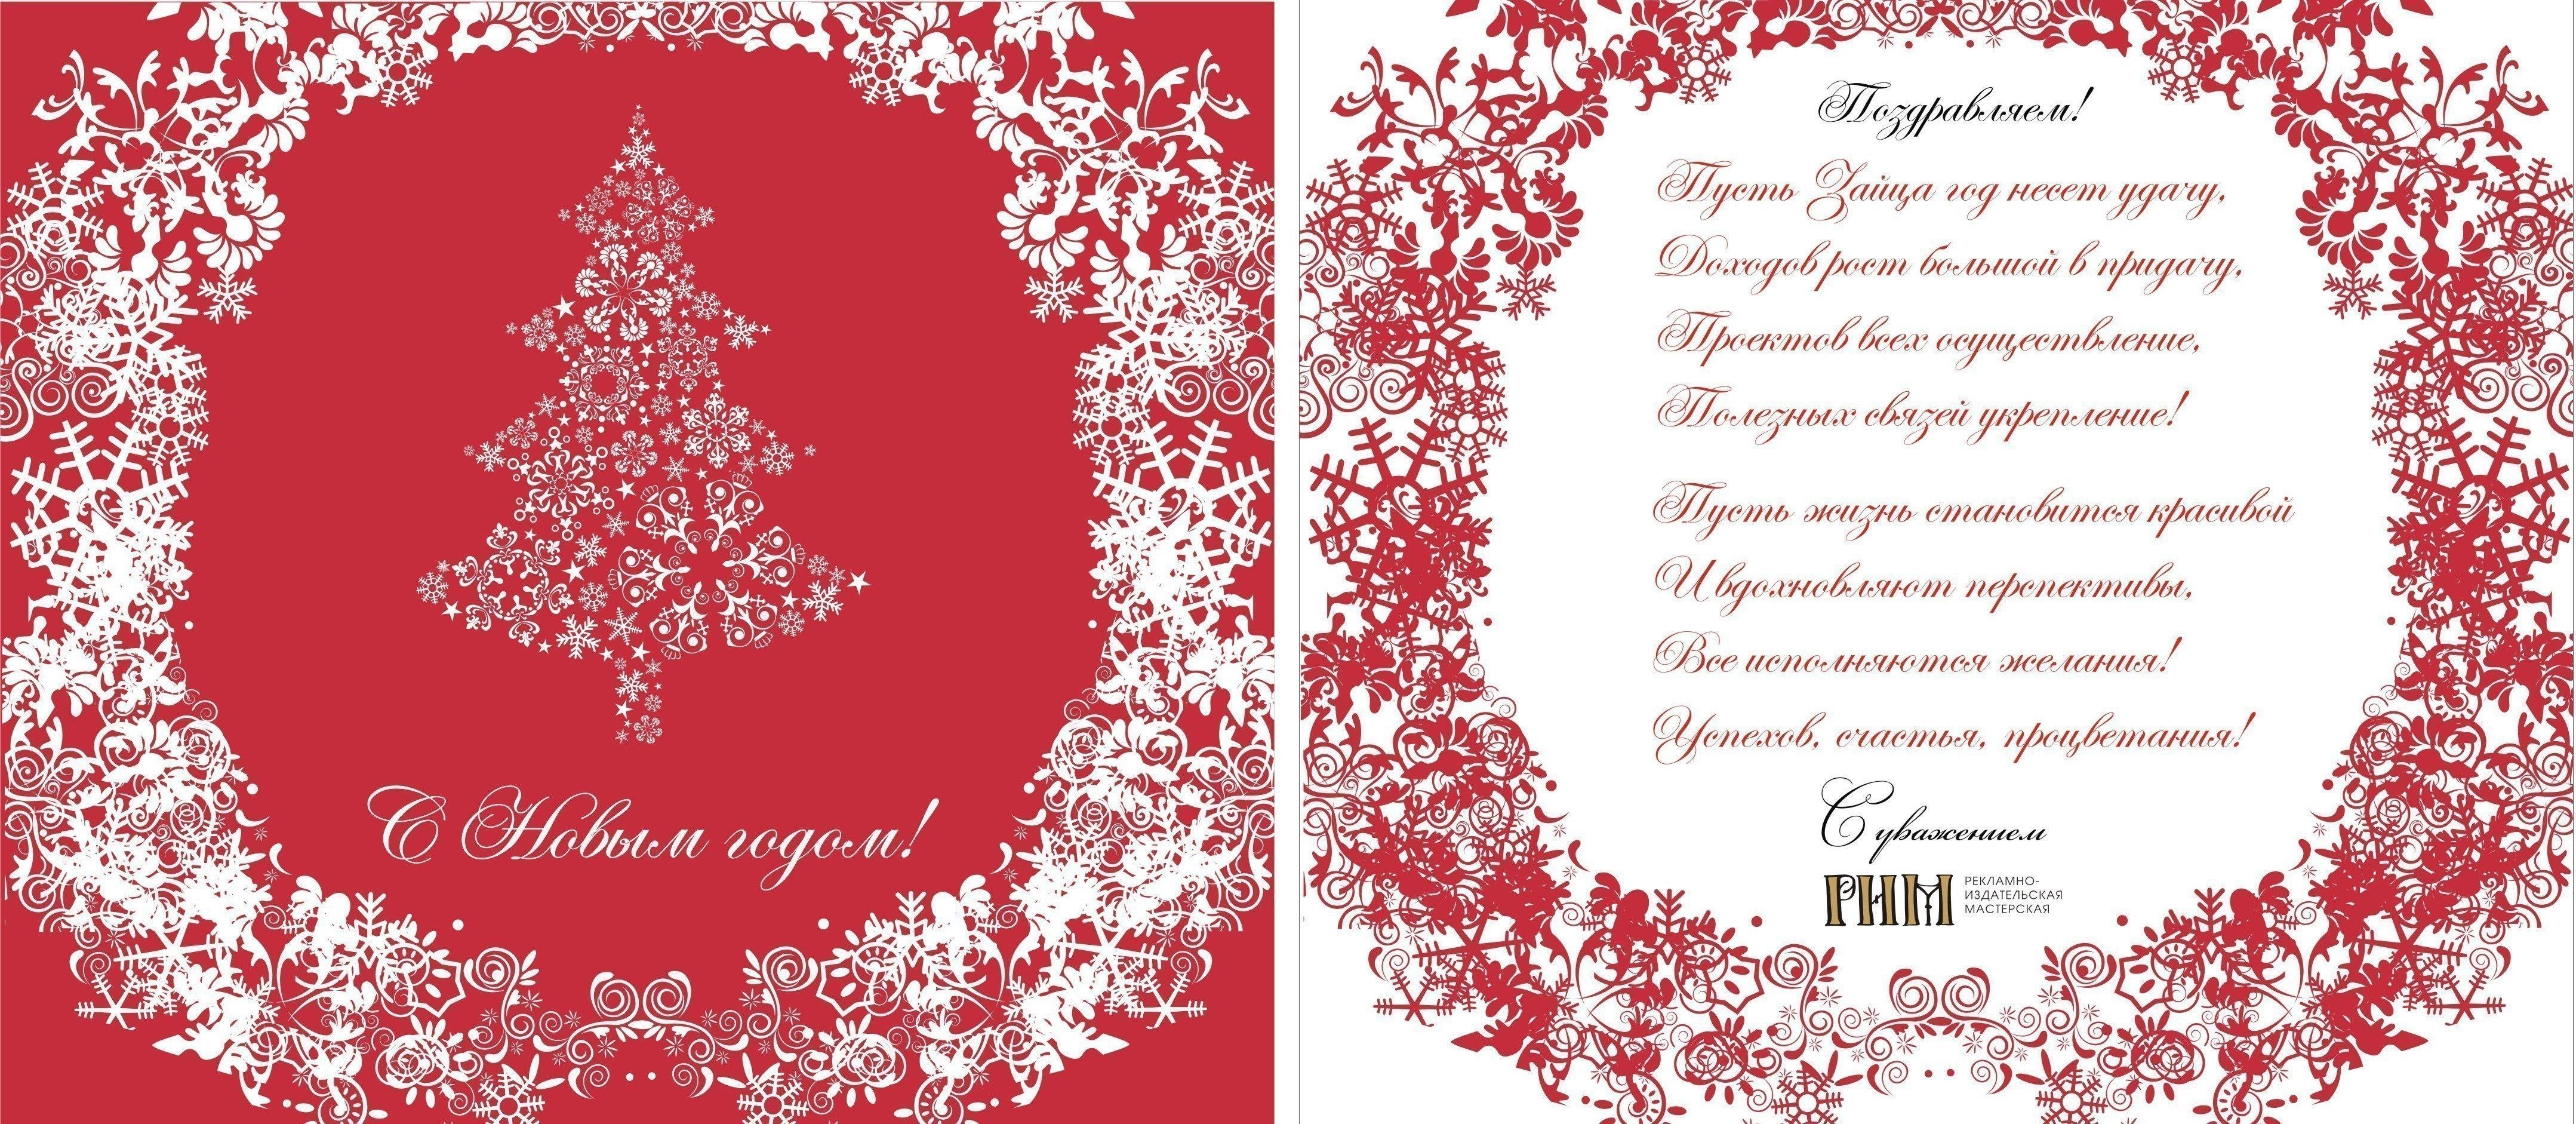 Поздравительный текст для открытки, летием дочери